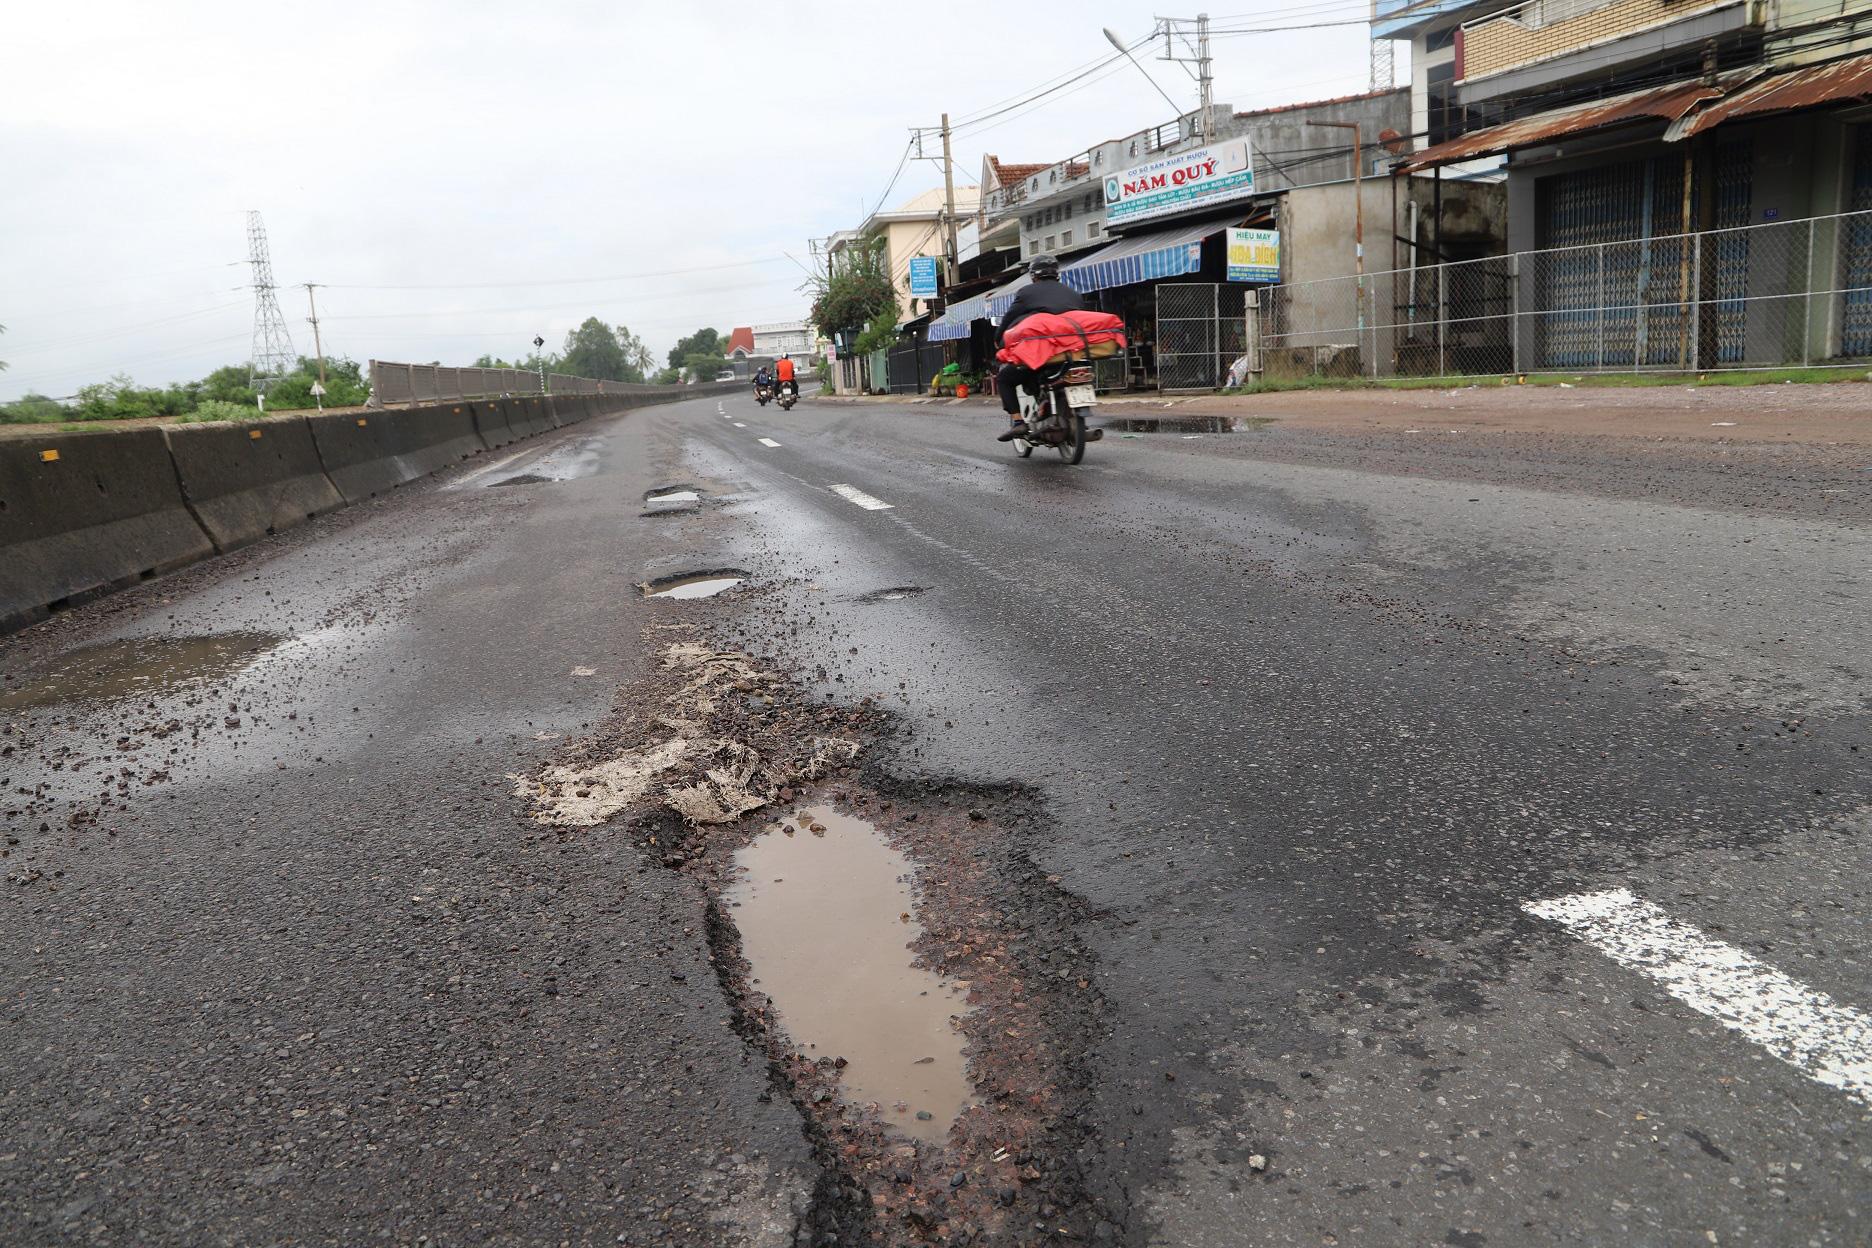 """Quốc lộ 1 ở Bình Định, từng bị gọi là đoạn đường """"xấu nhất Việt Nam""""… xuất hiện """"ổ voi, ổ gà""""  - Ảnh 2."""